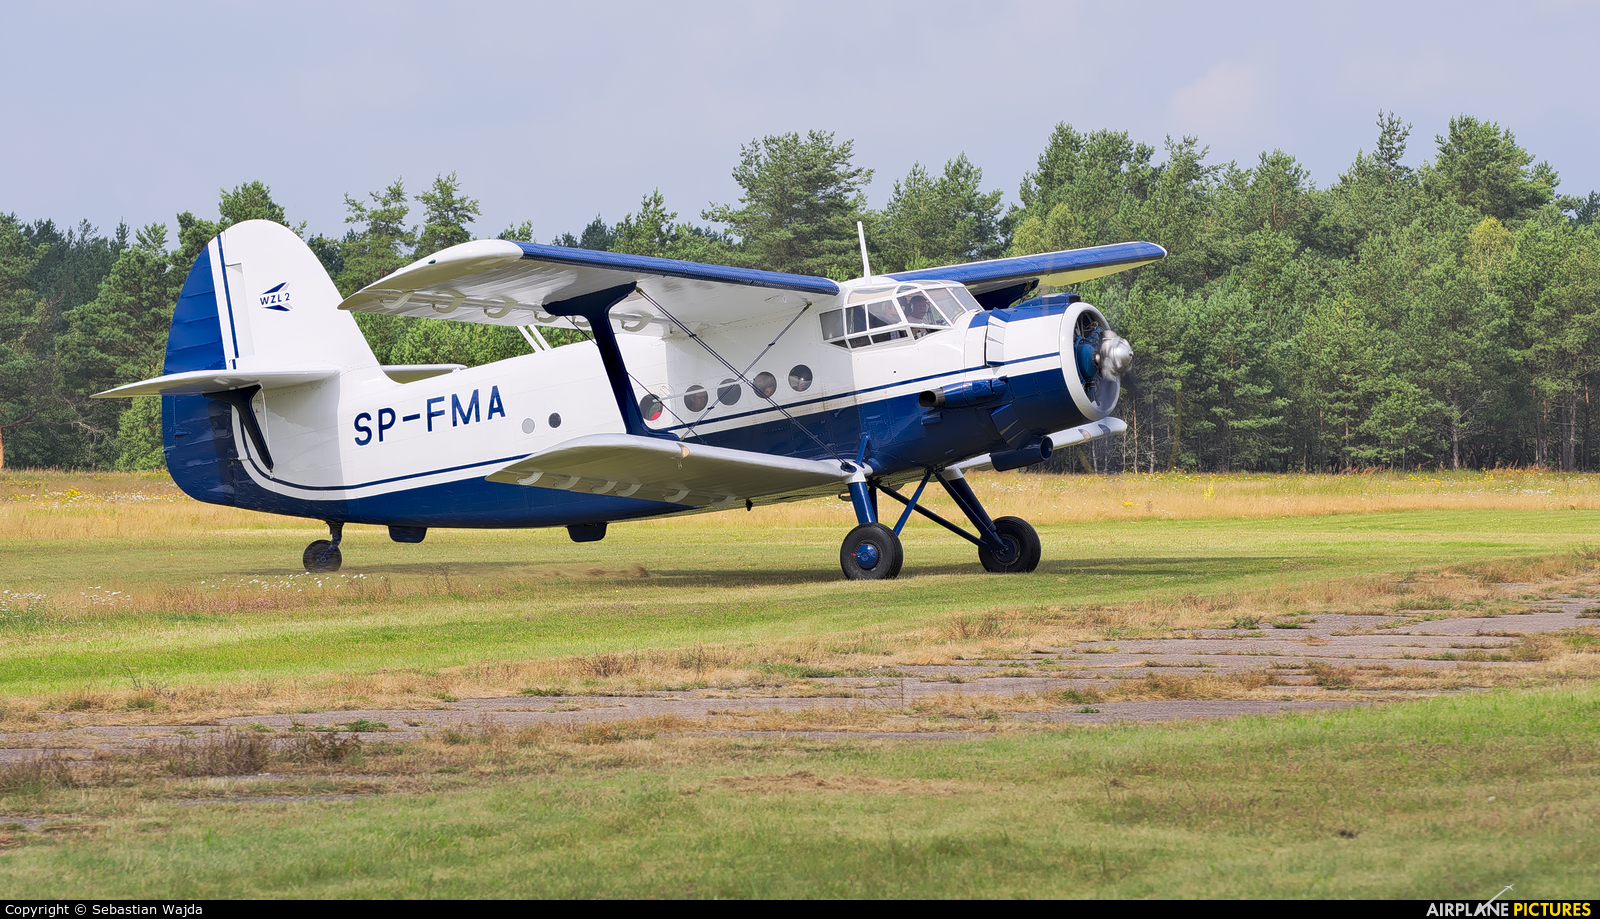 Aeroklub Bydgoski SP-FMA aircraft at Borne Sulinowo